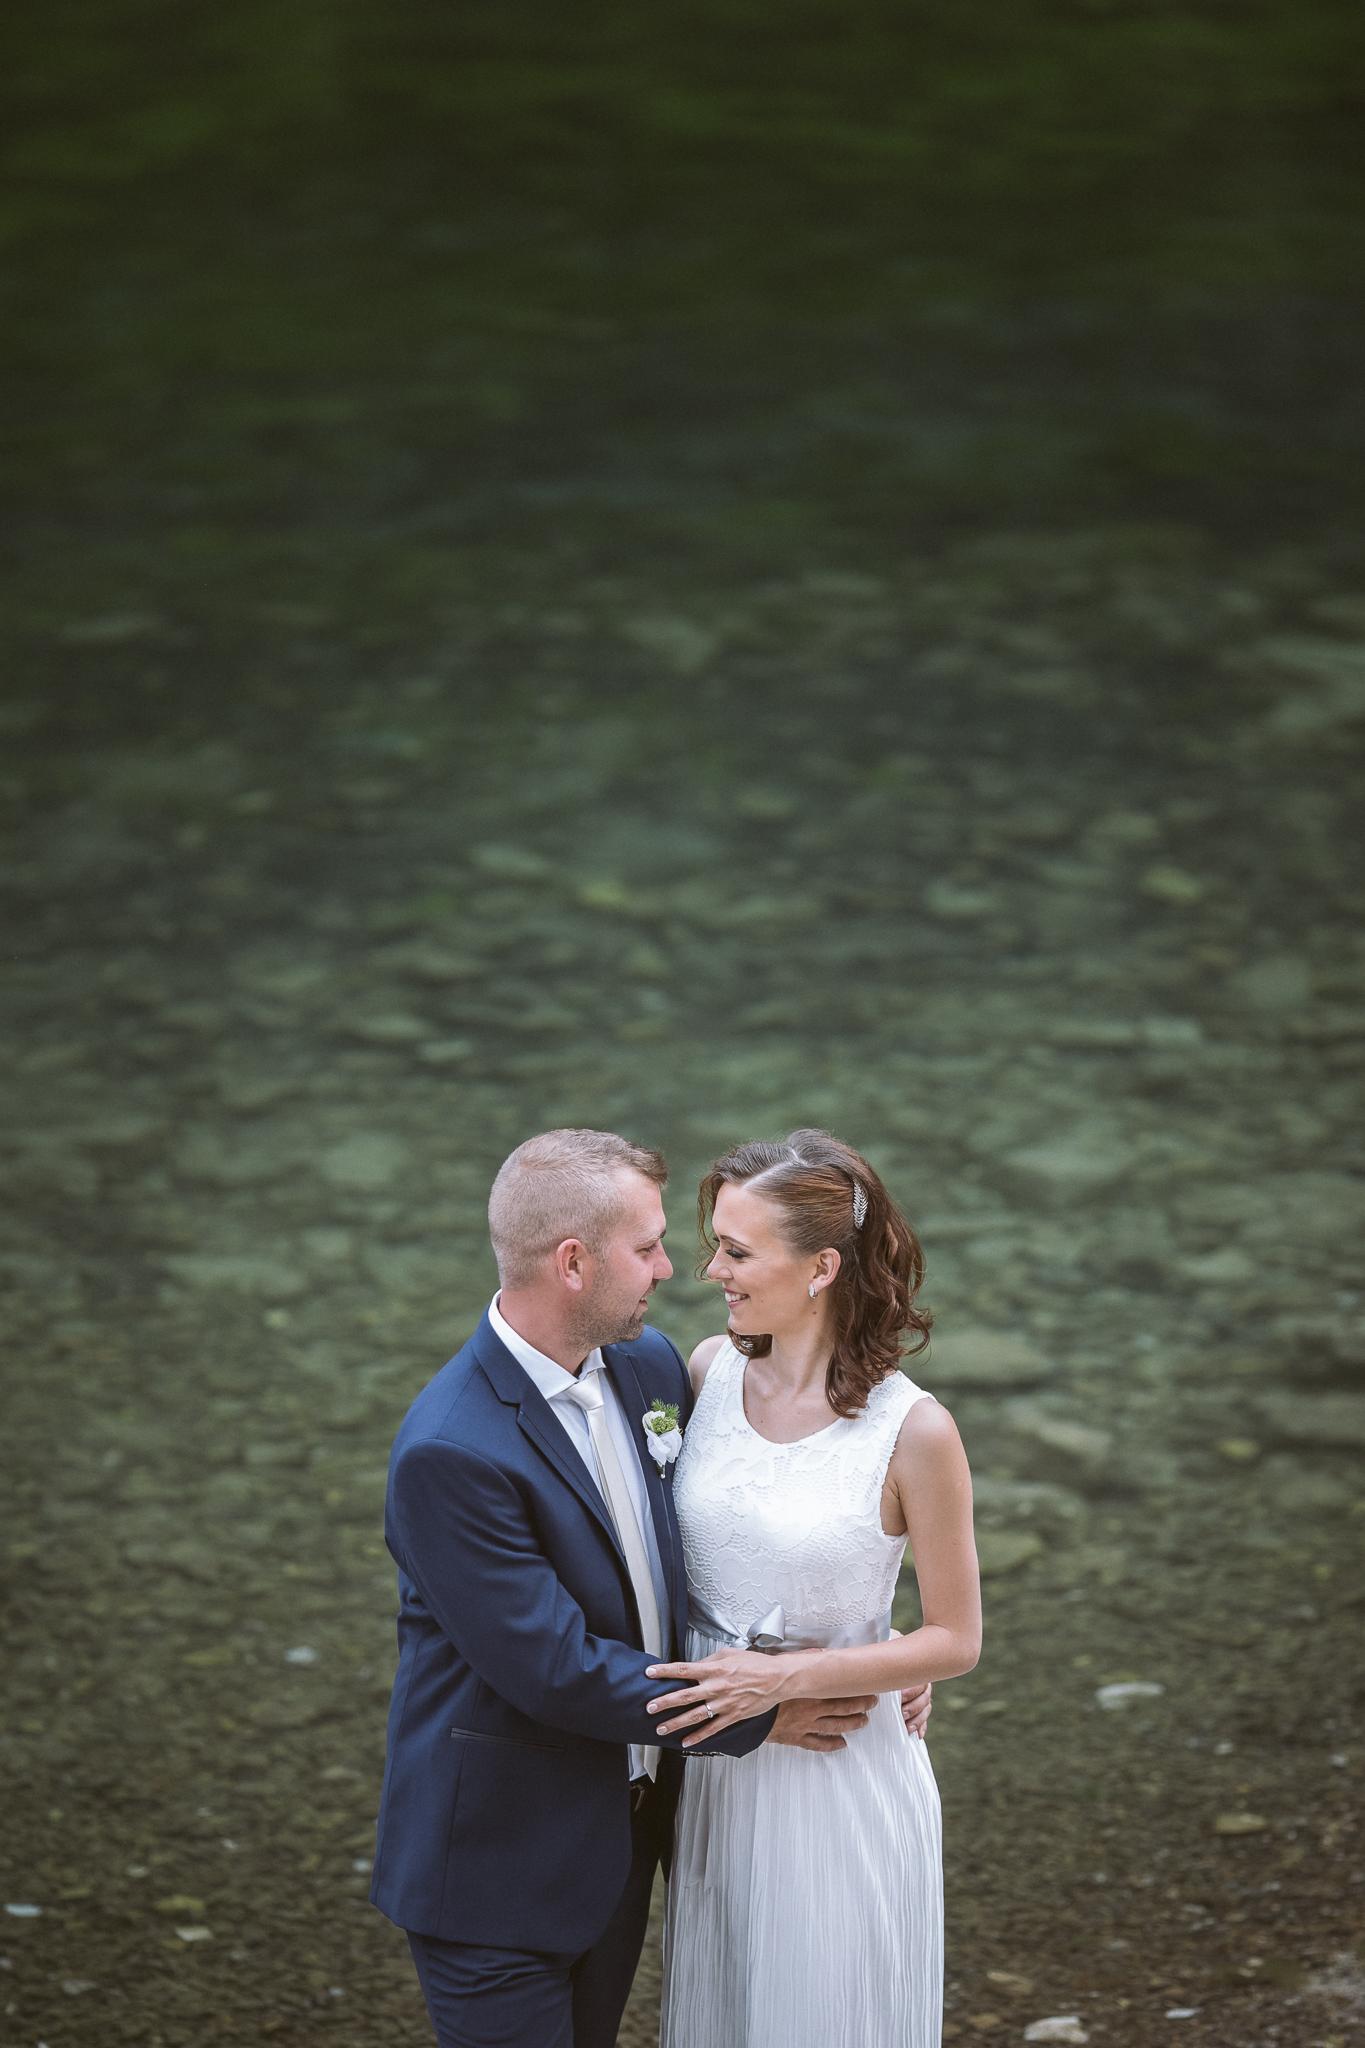 FylepPhoto, esküvőfotózás, magyarország, esküvői fotós, vasmegye, prémium, jegyesfotózás, Fülöp Péter, körmend, kreatív, grüner see_09.jpg